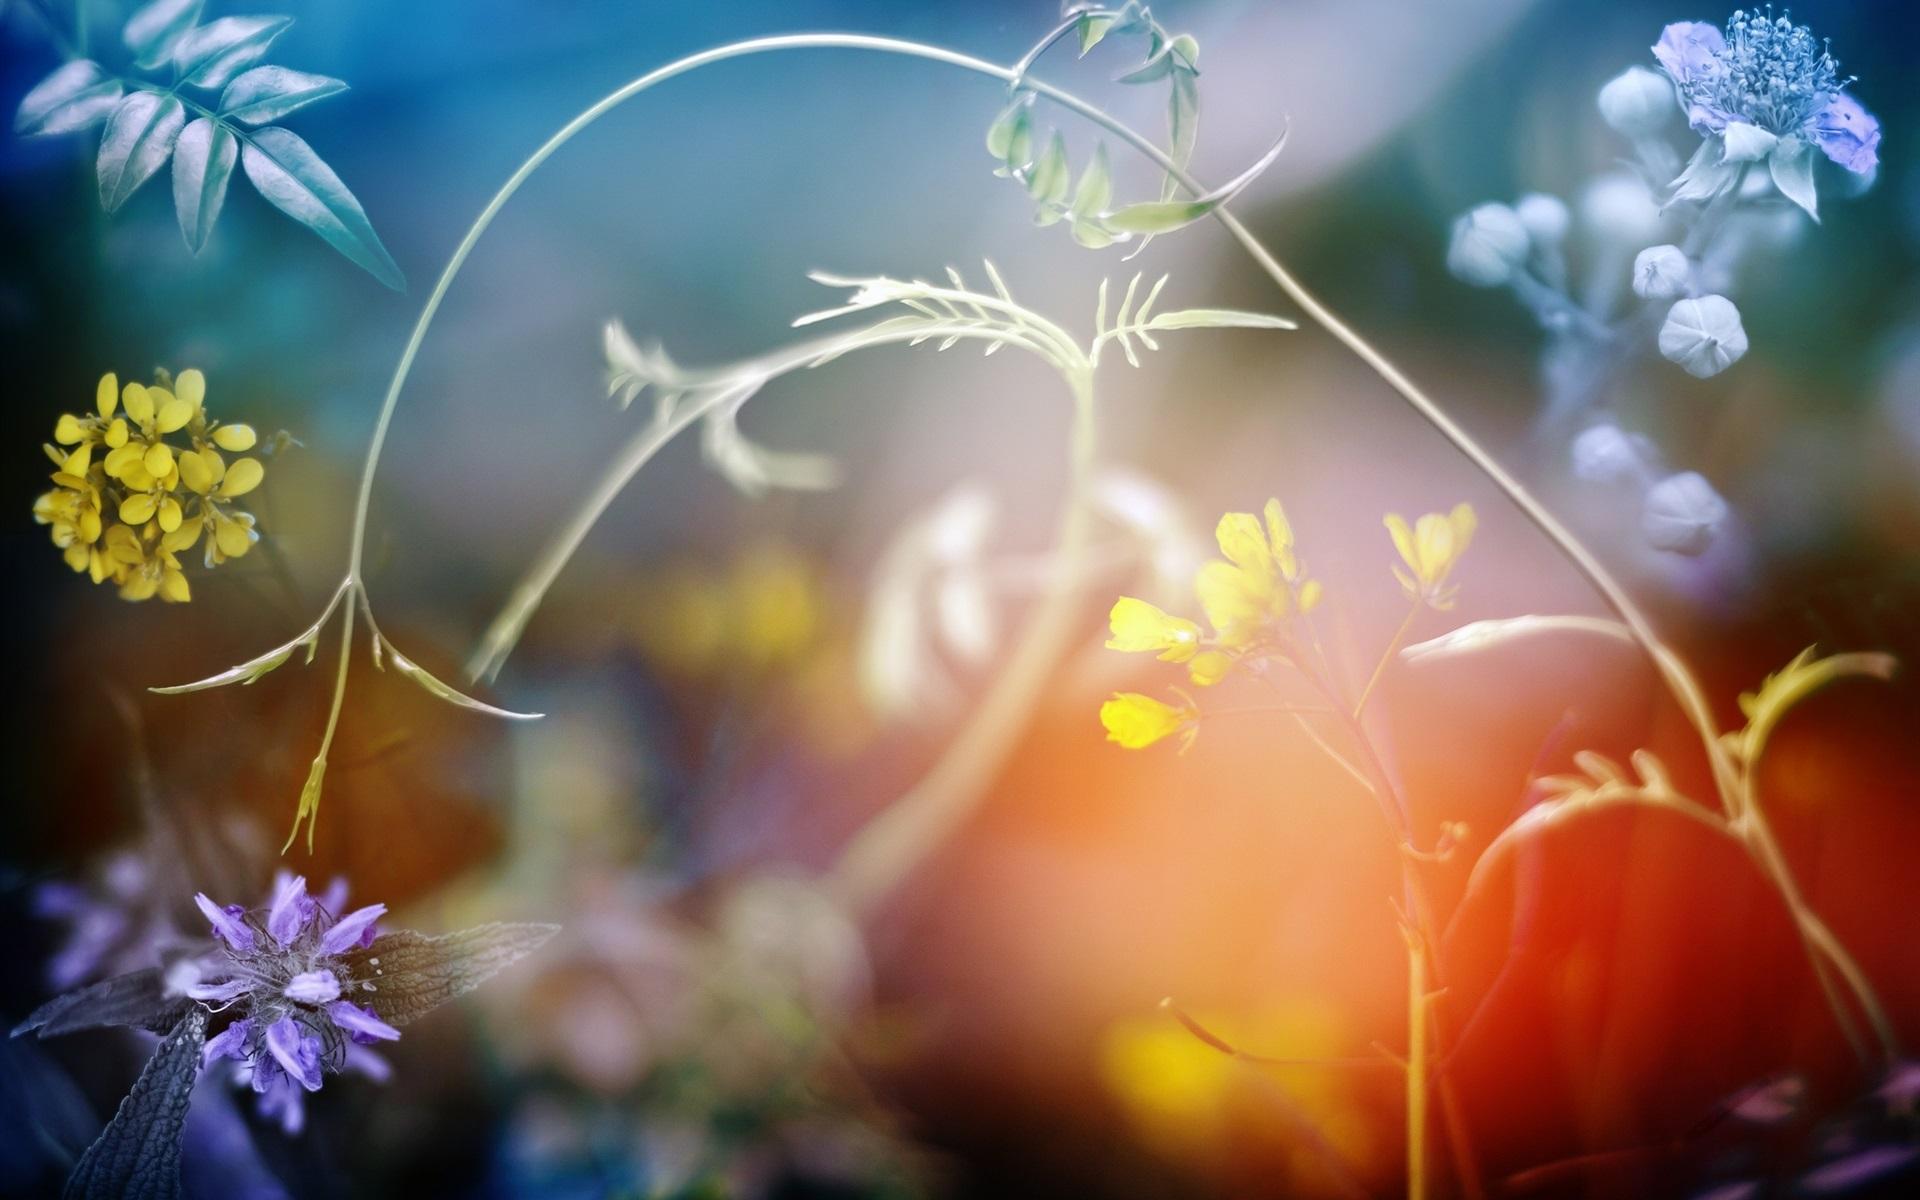 ボケ (植物)の画像 p1_29